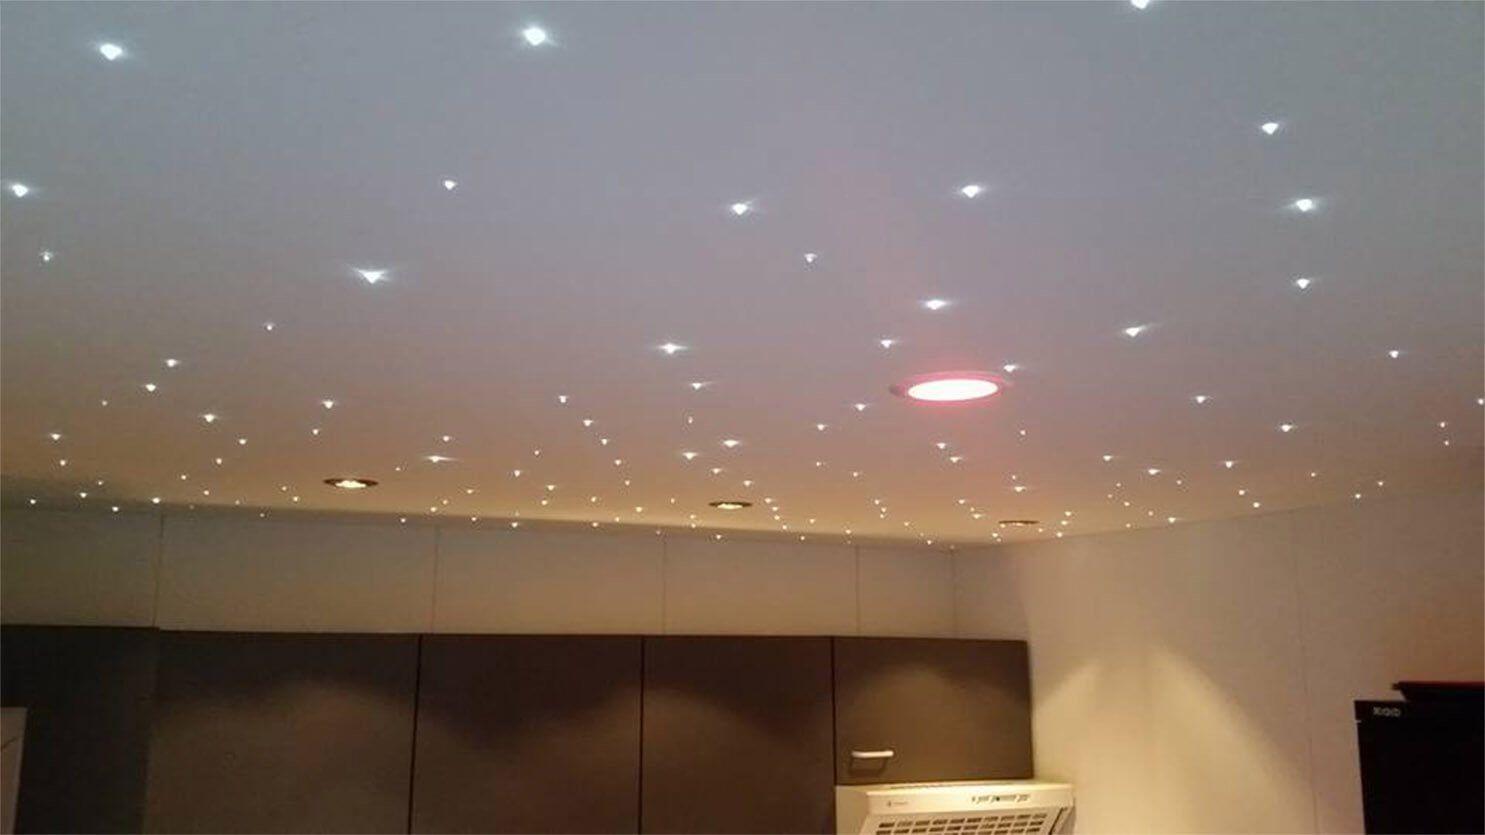 Spanplafond kantoor verlichtingsplan